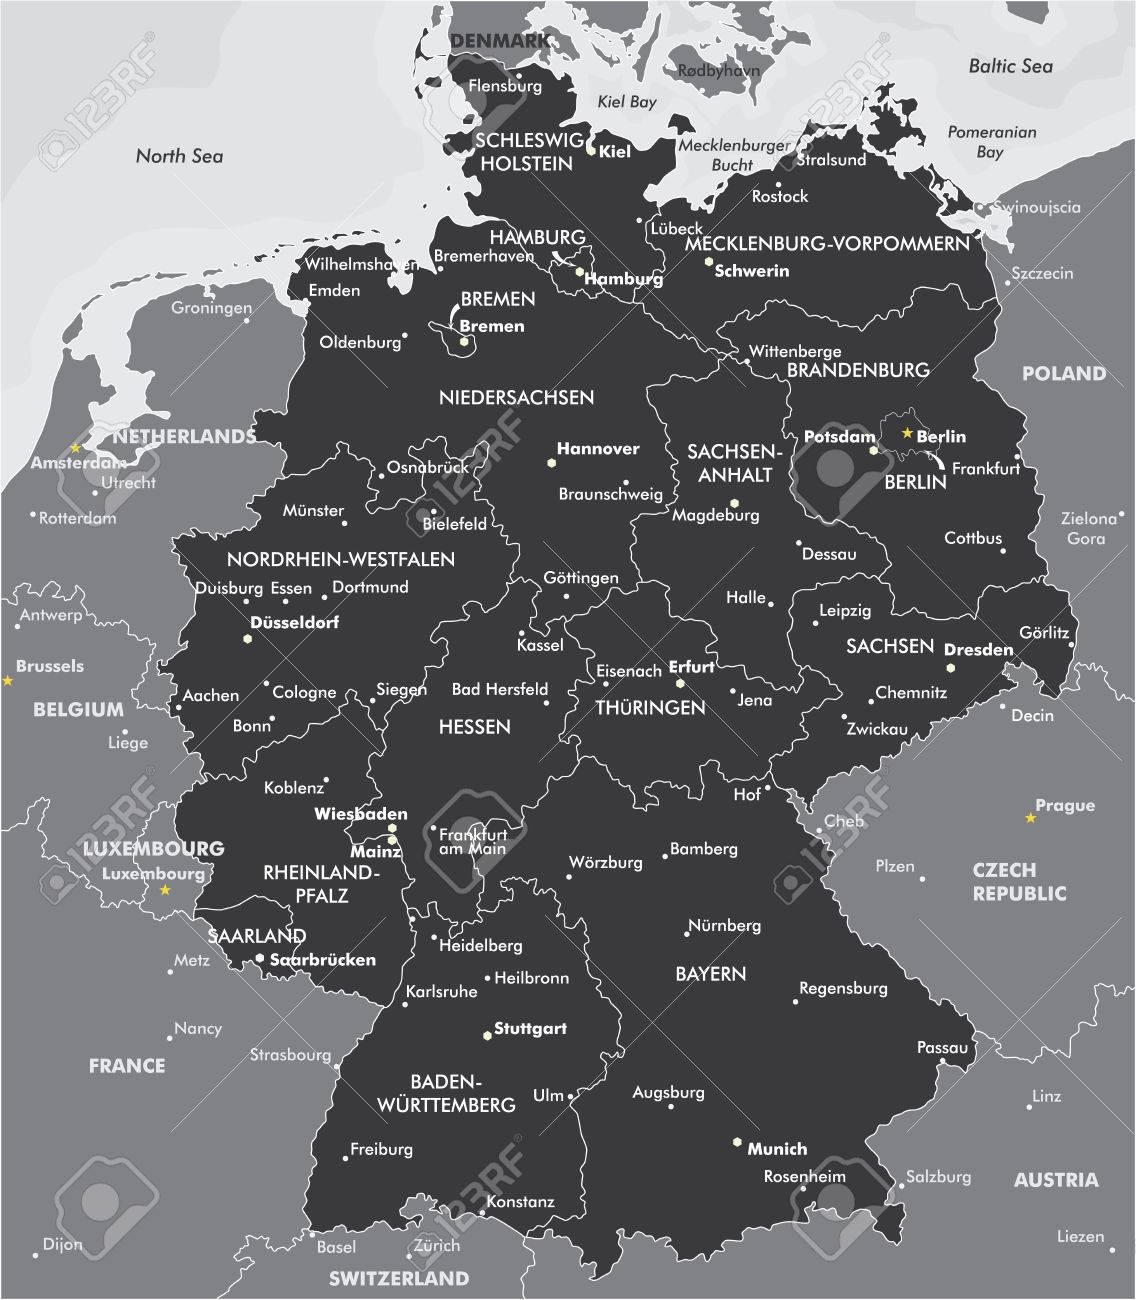 karte deutschland schwarz weiß Schwarz Weiß Karte Von Deutschland Lizenzfrei Nutzbare